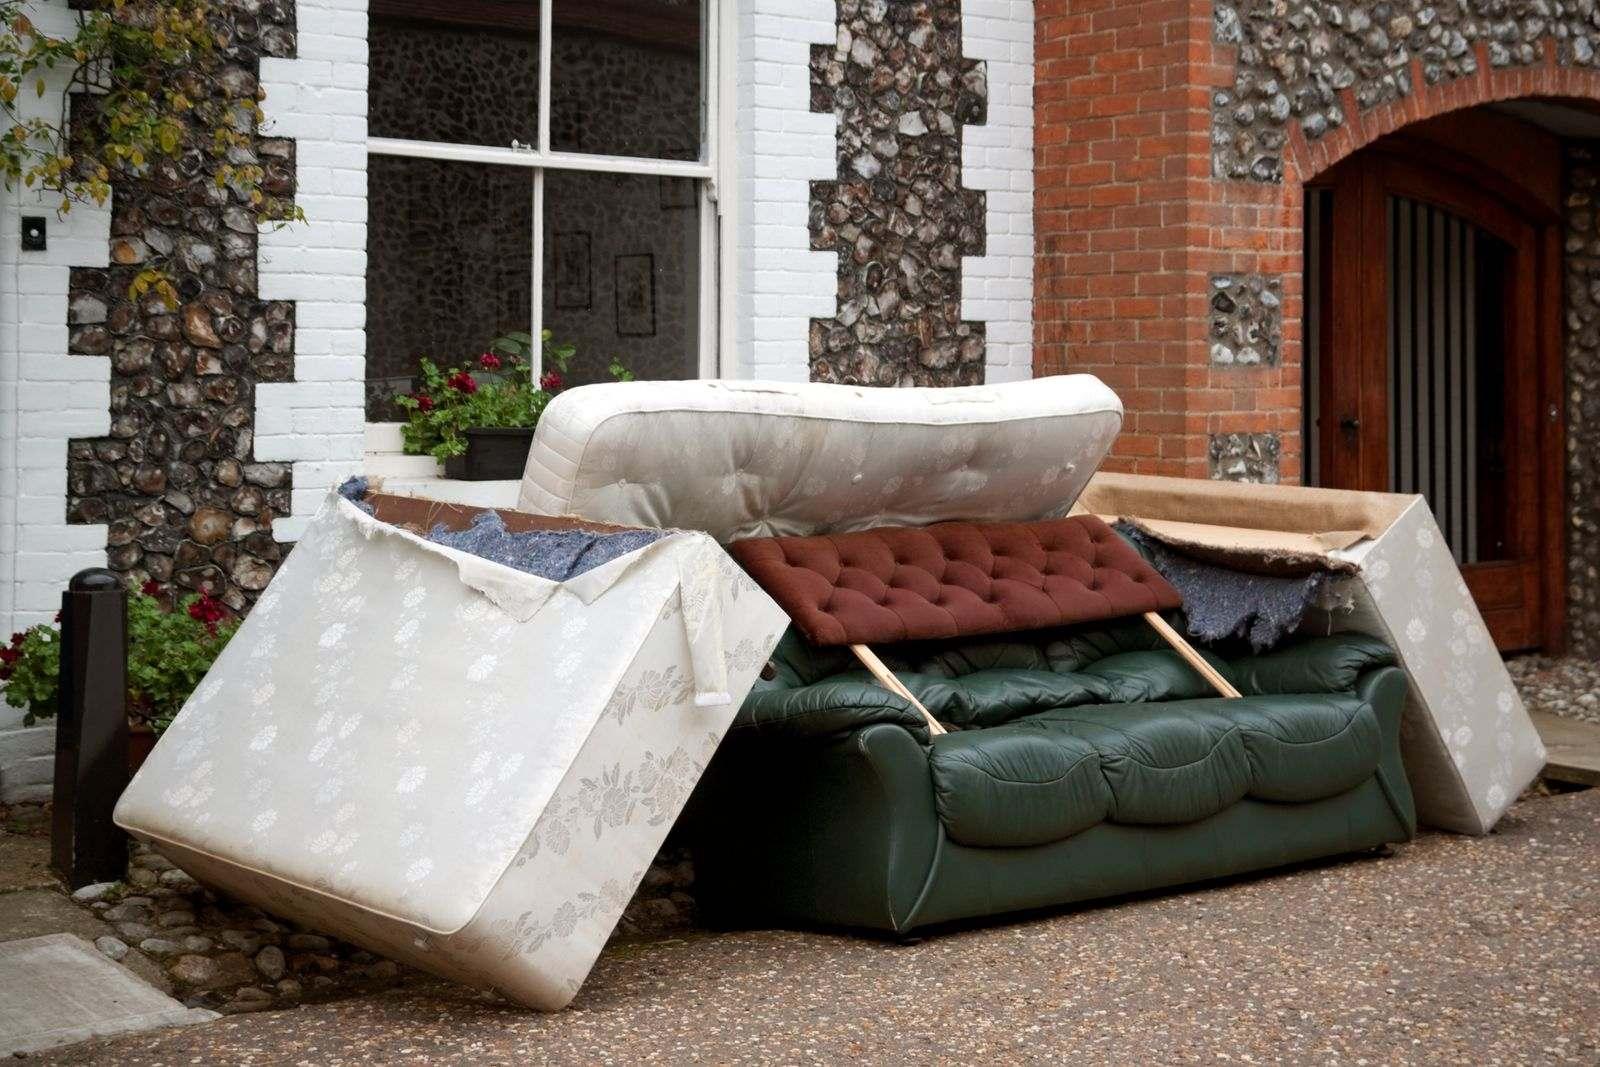 vieux meubles et matelas en bordure de route après un déménagement